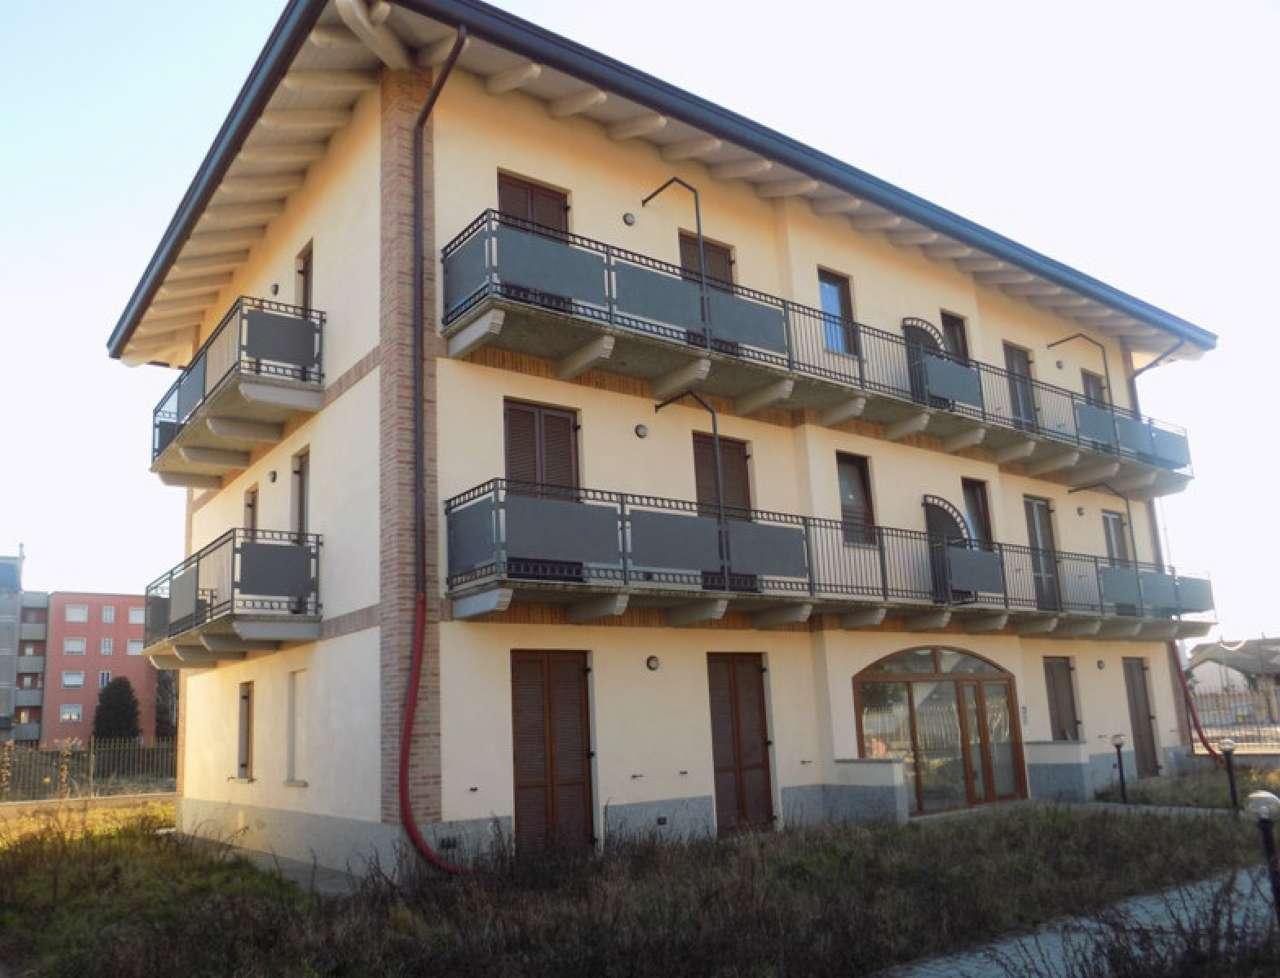 Appartamento bilocale in vendita a Bovisio-Masciago (MB)